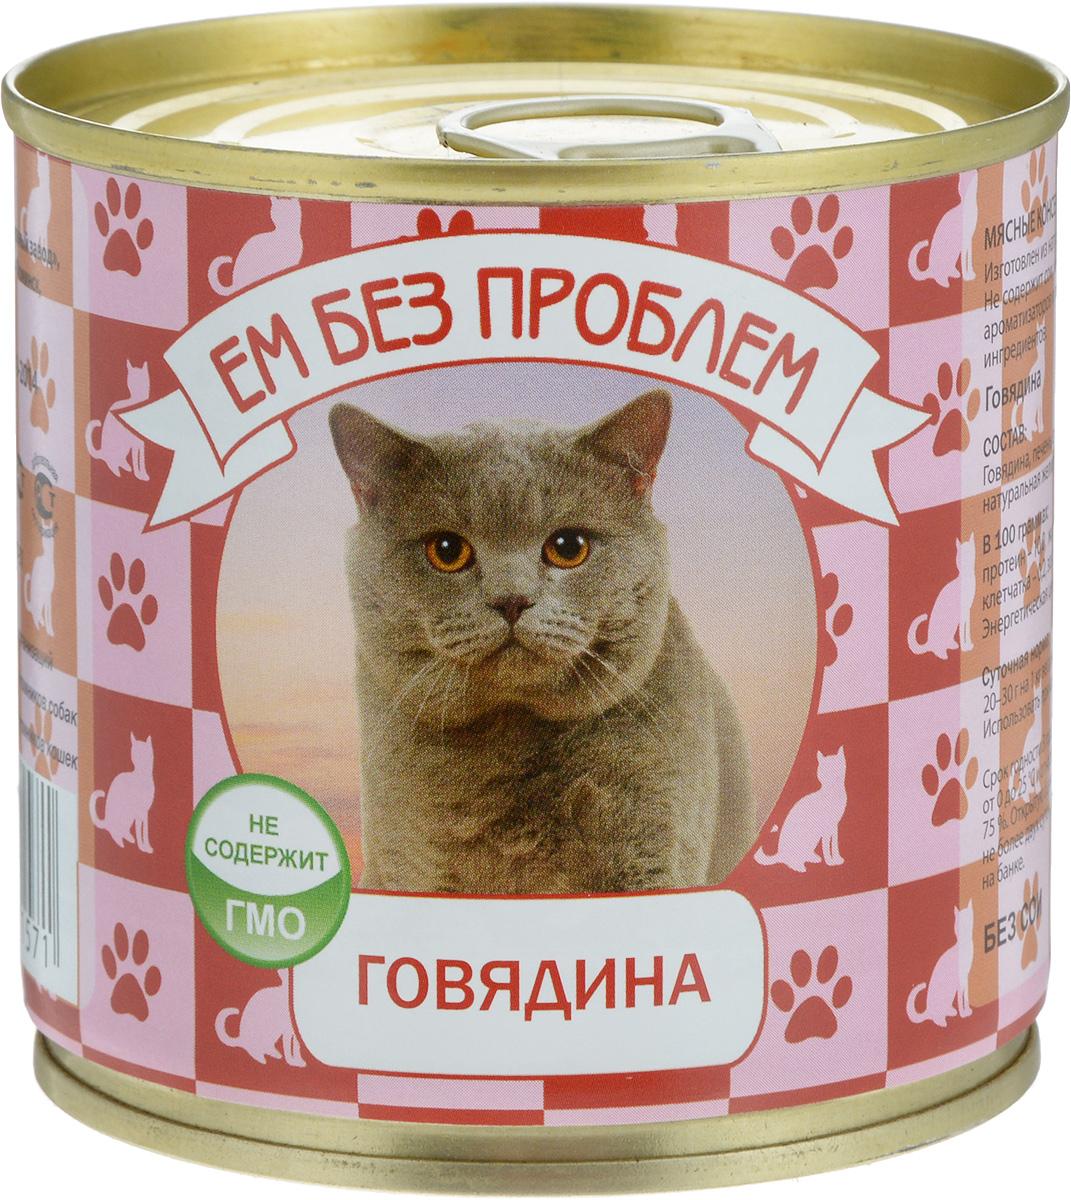 Консервы для кошек Ем без проблем, говядина, 250 г00-00001439Мясные консервы для кошек Ем без проблем изготовлены из натурального российского мяса. Не содержат сои, консервантов, красителей, ароматизаторов и генномодифицированных ингредиентов. Корм полностью удовлетворяет ежедневные энергетические потребности животного и обеспечивает оптимальное функционирование пищеварительной системы. Консервы Ем без проблем рекомендуется смешивать с кашами и овощами. Товар сертифицирован.